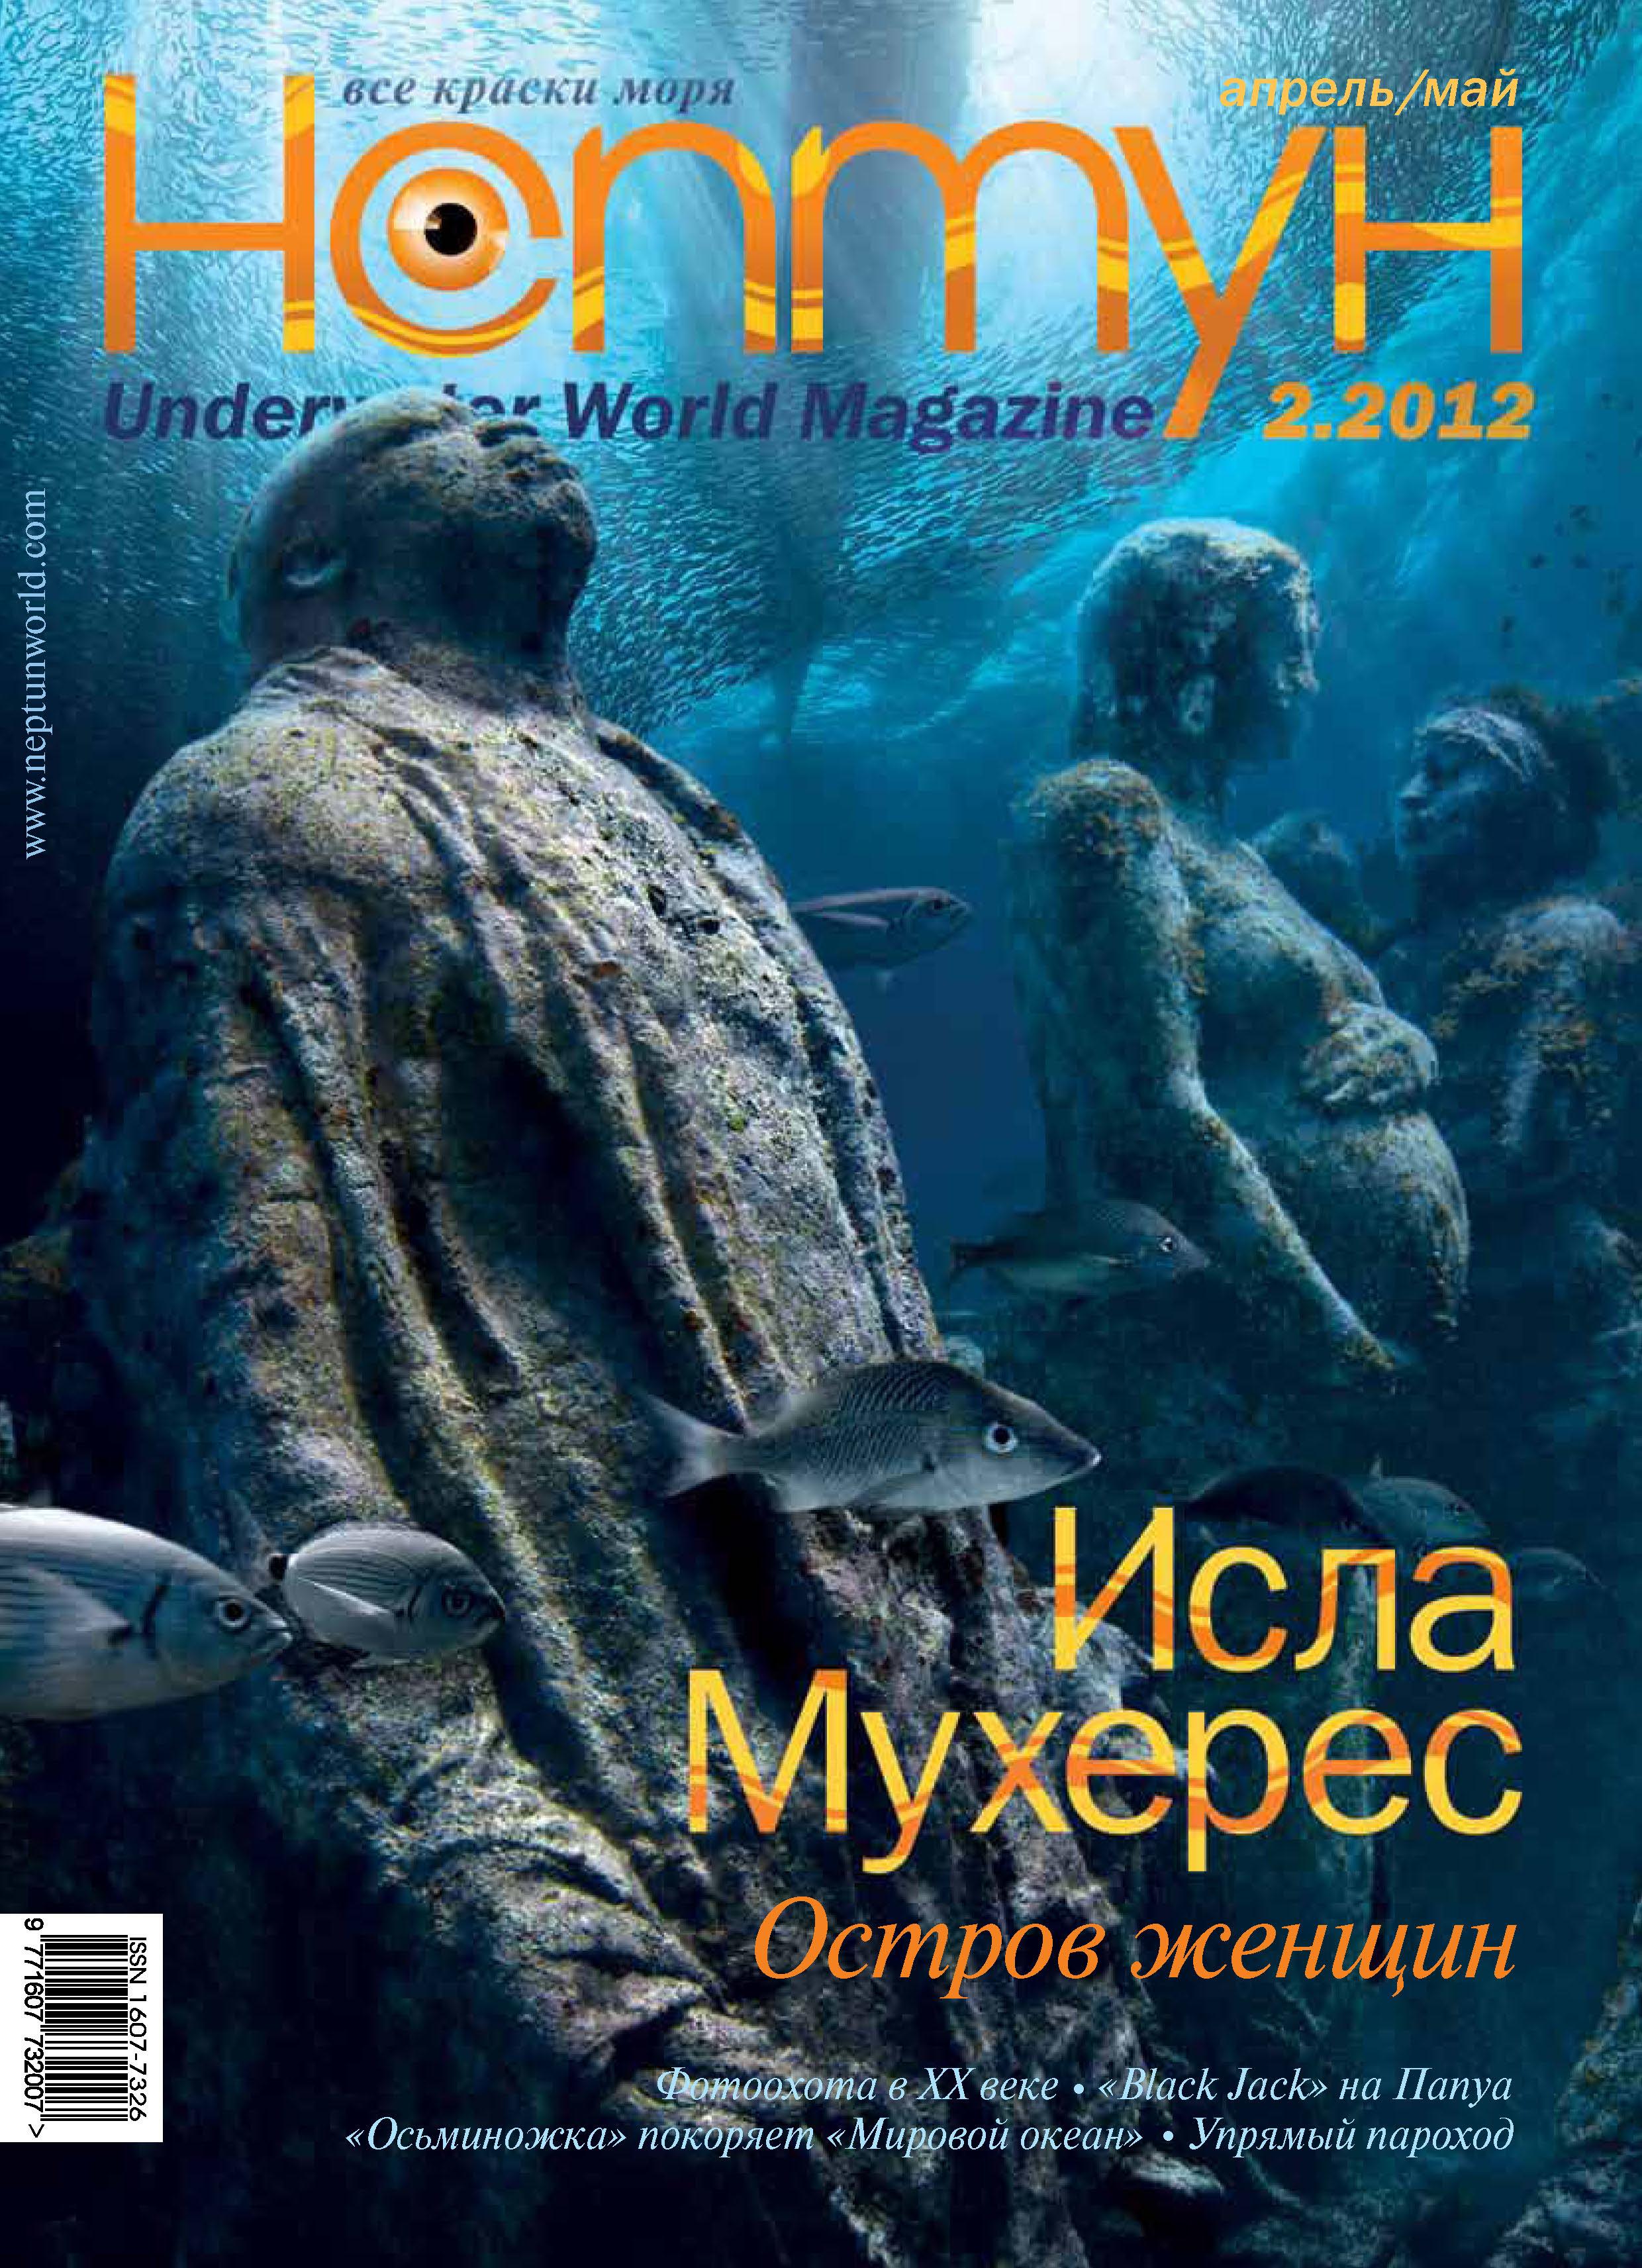 Отсутствует Нептун №2/2012 отсутствует морское наследие 2 2013